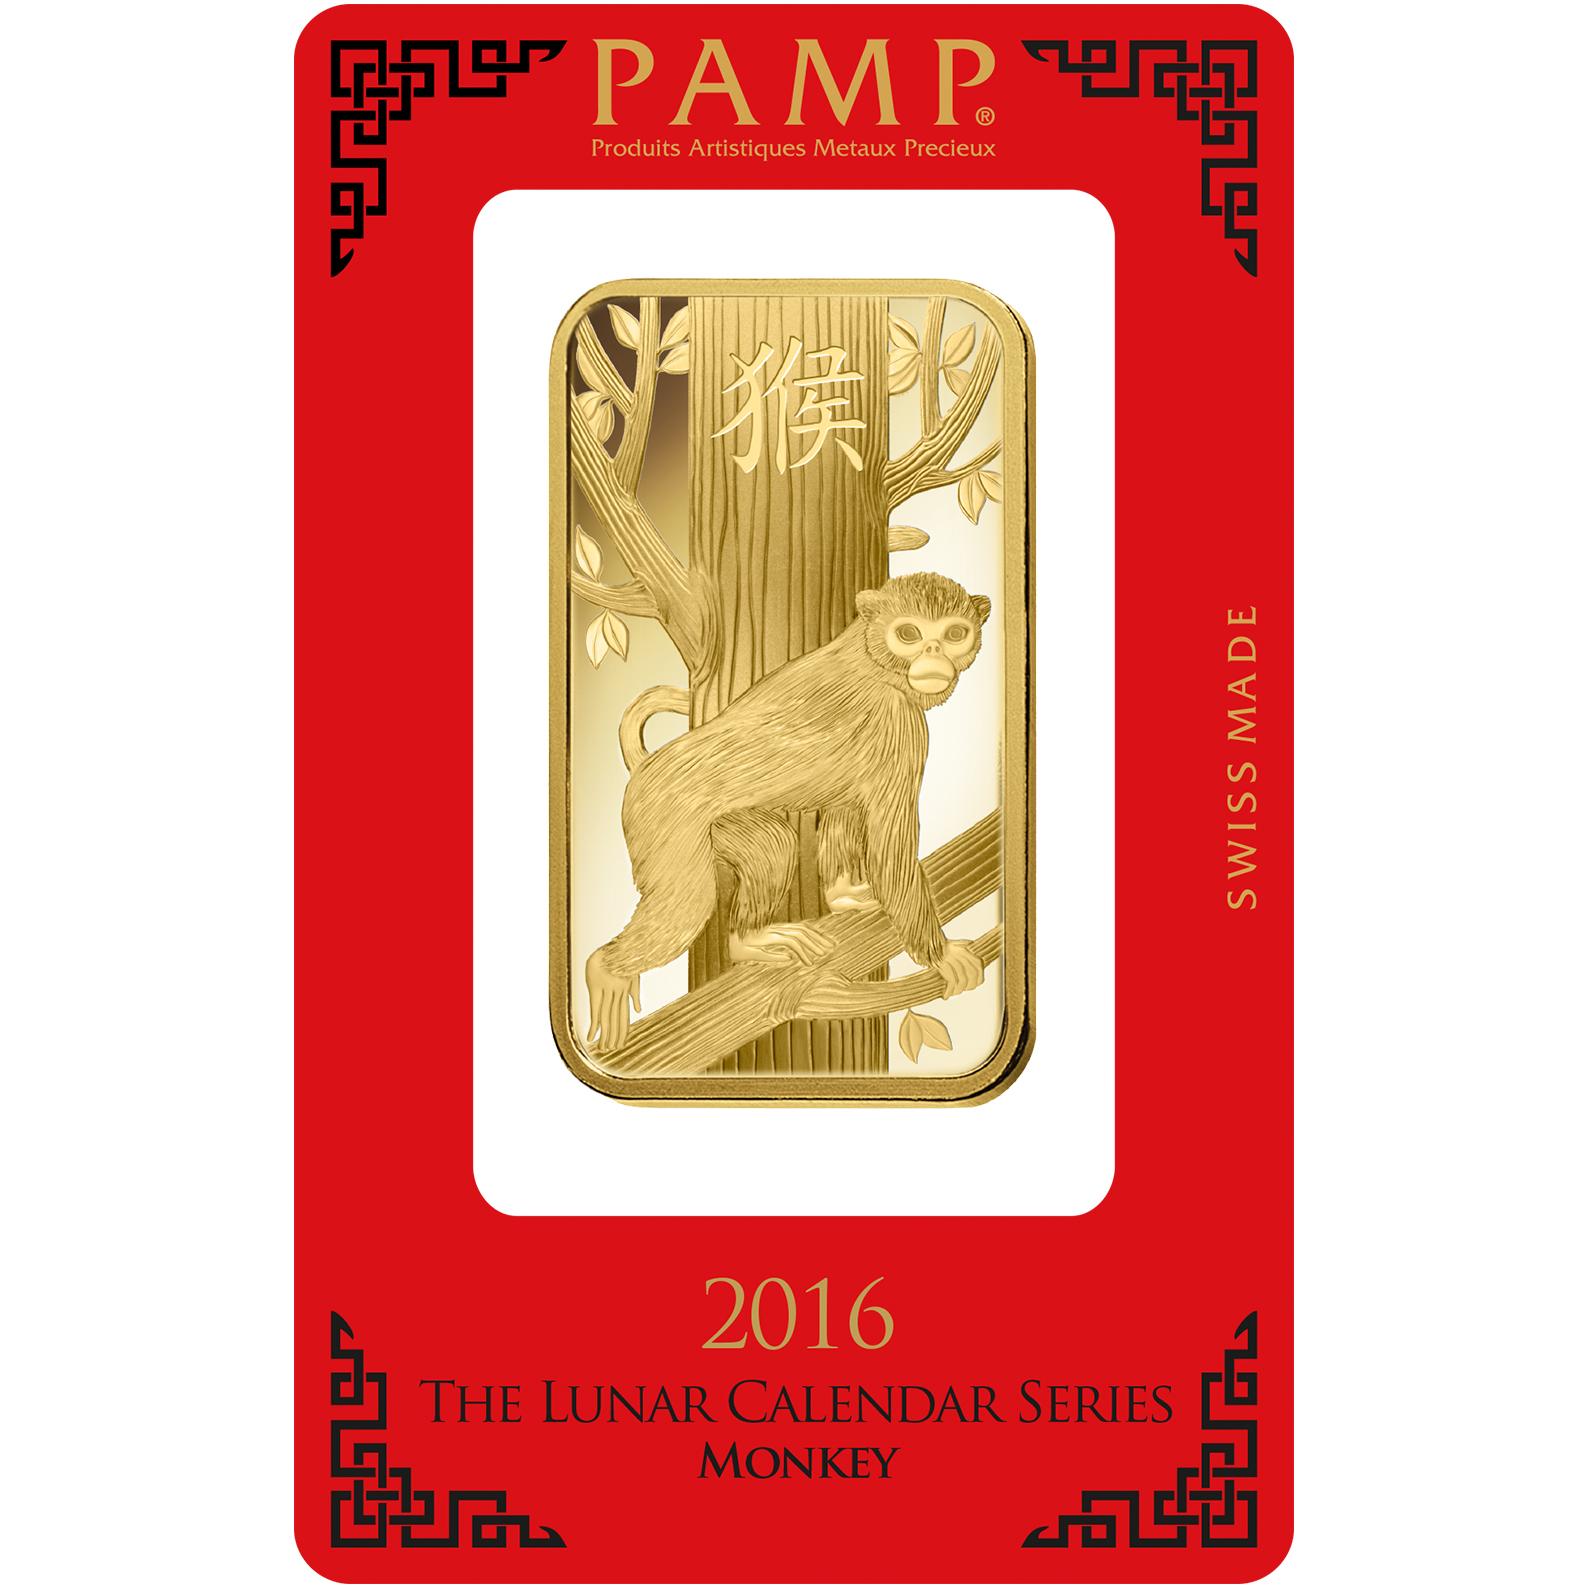 100 grammi lingottino d'oro puro 999.9 - PAMP Suisse Lunar Scimmia